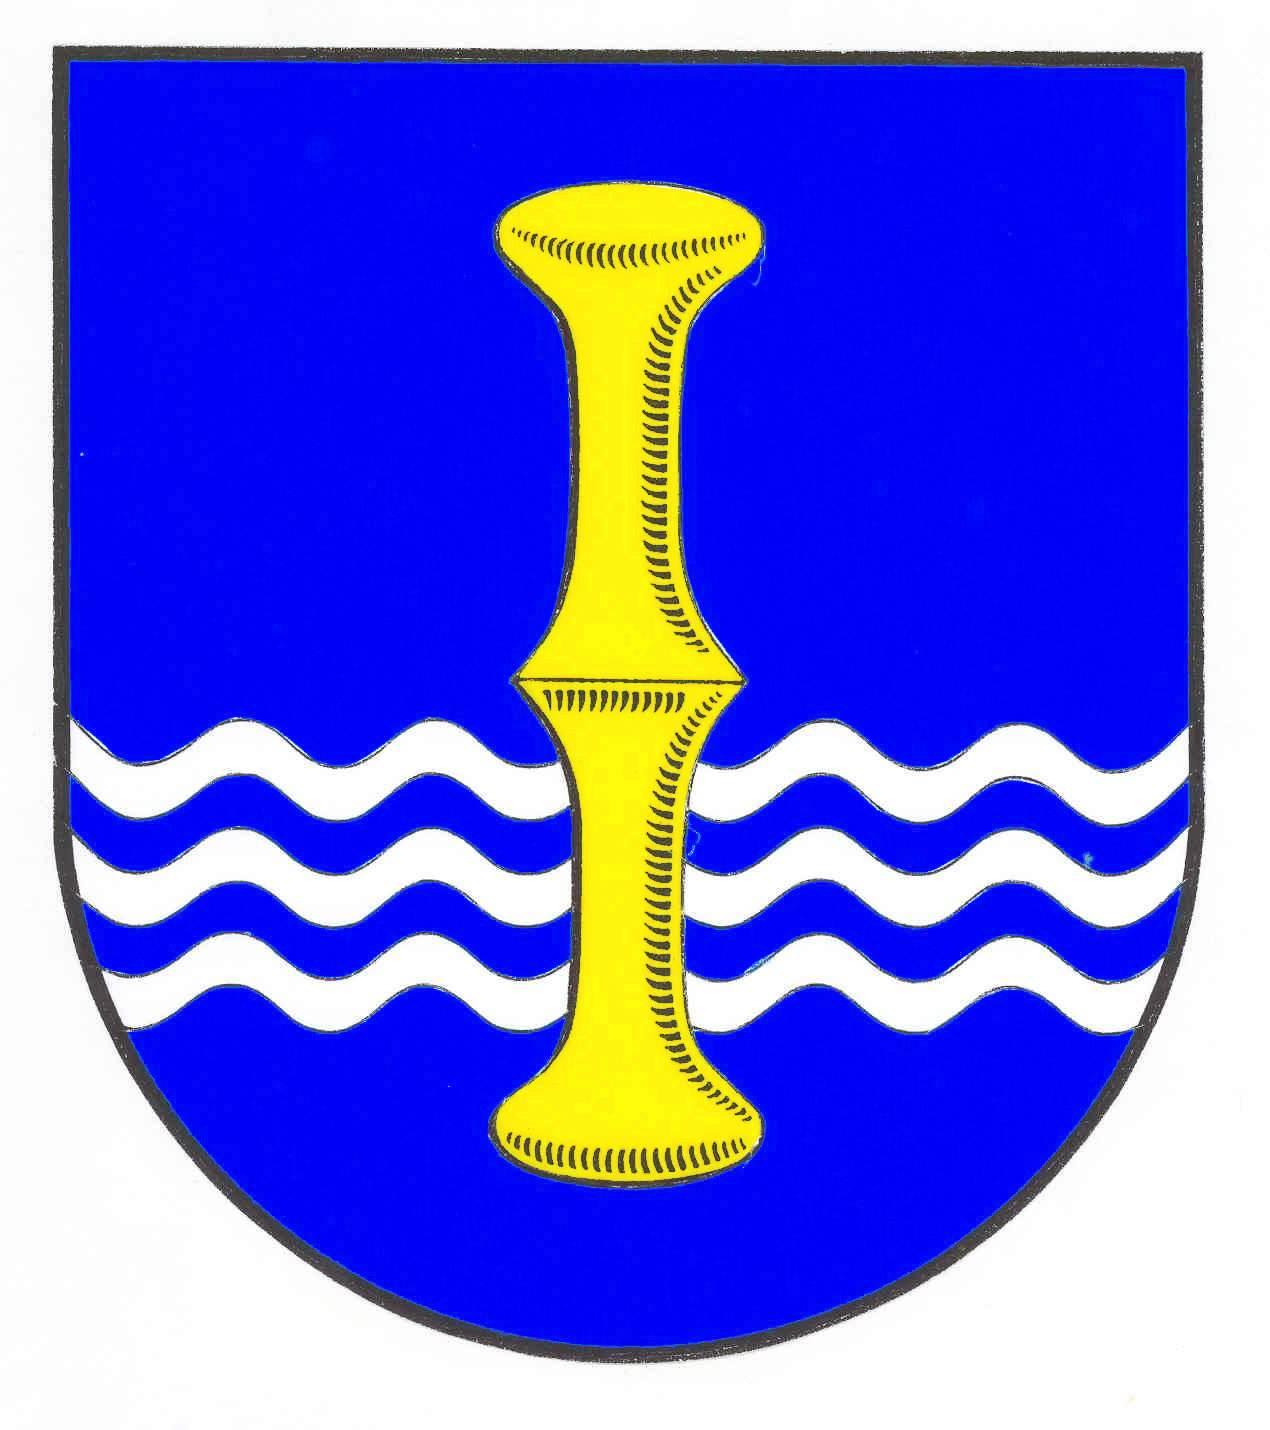 Wappen GemeindeSüderstapel, Kreis Schleswig-Flensburg